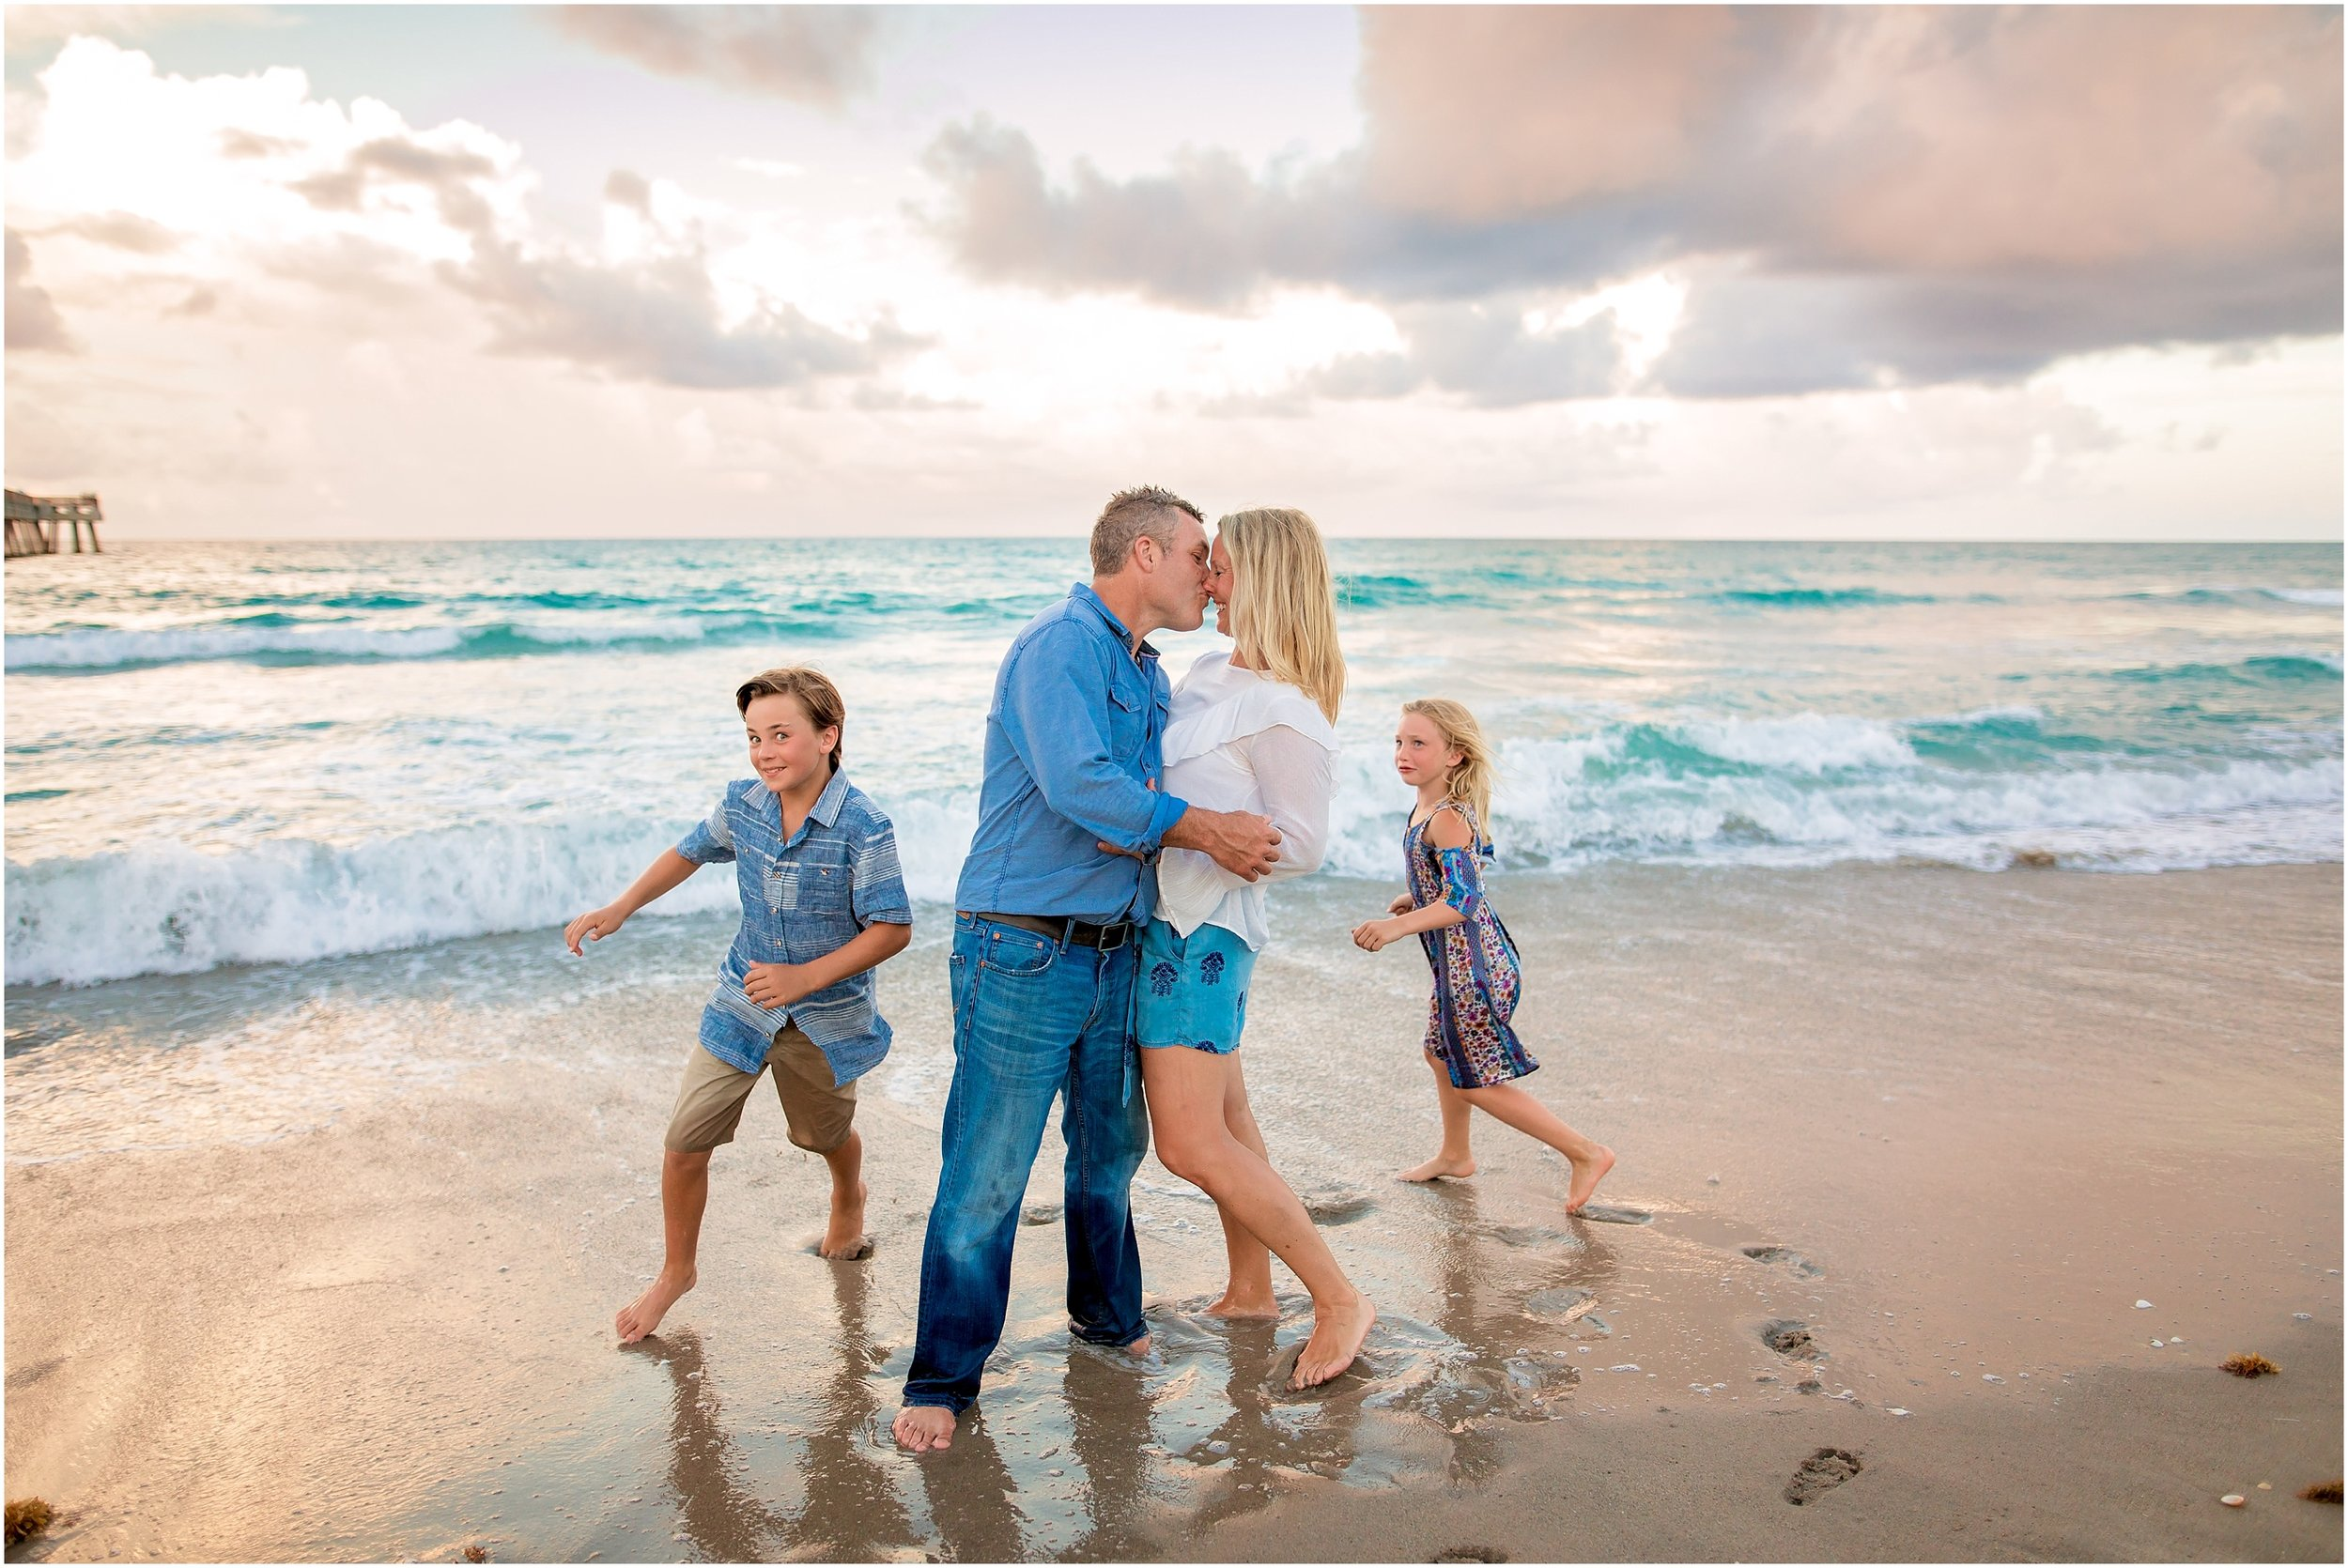 Juno Beach Photoshoot